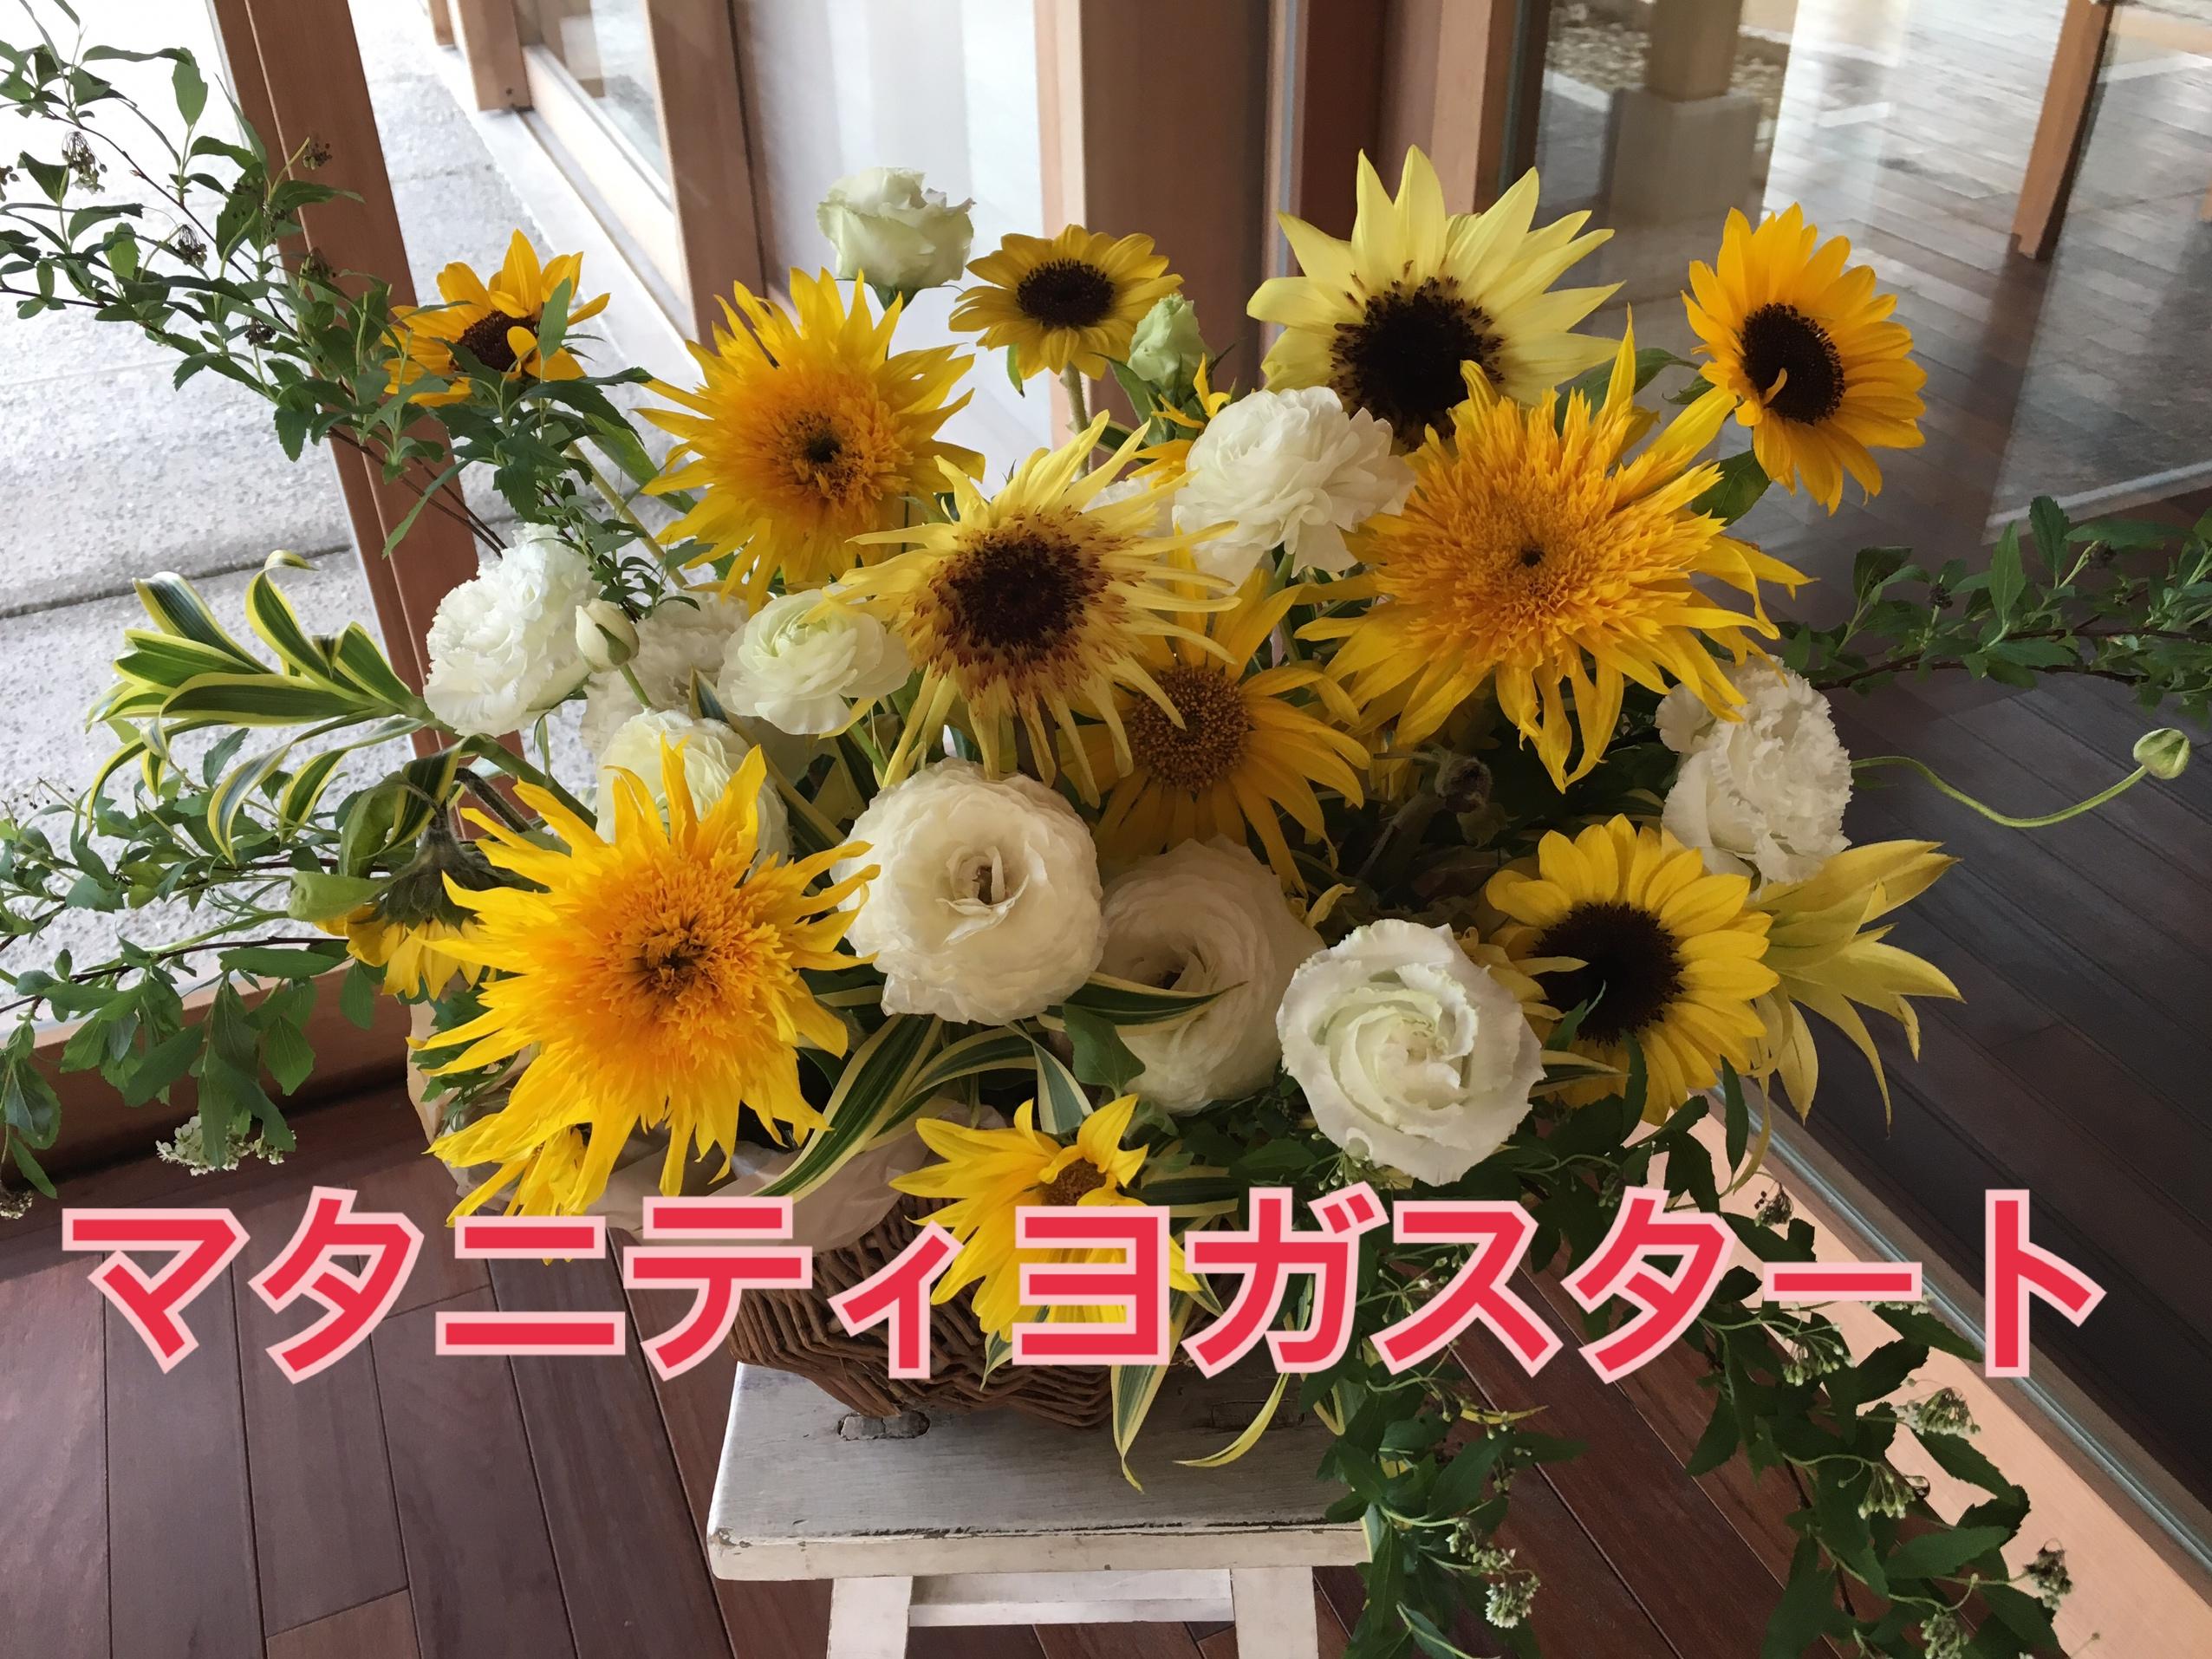 マタニティヨガ、沖縄県、妊婦、ライア